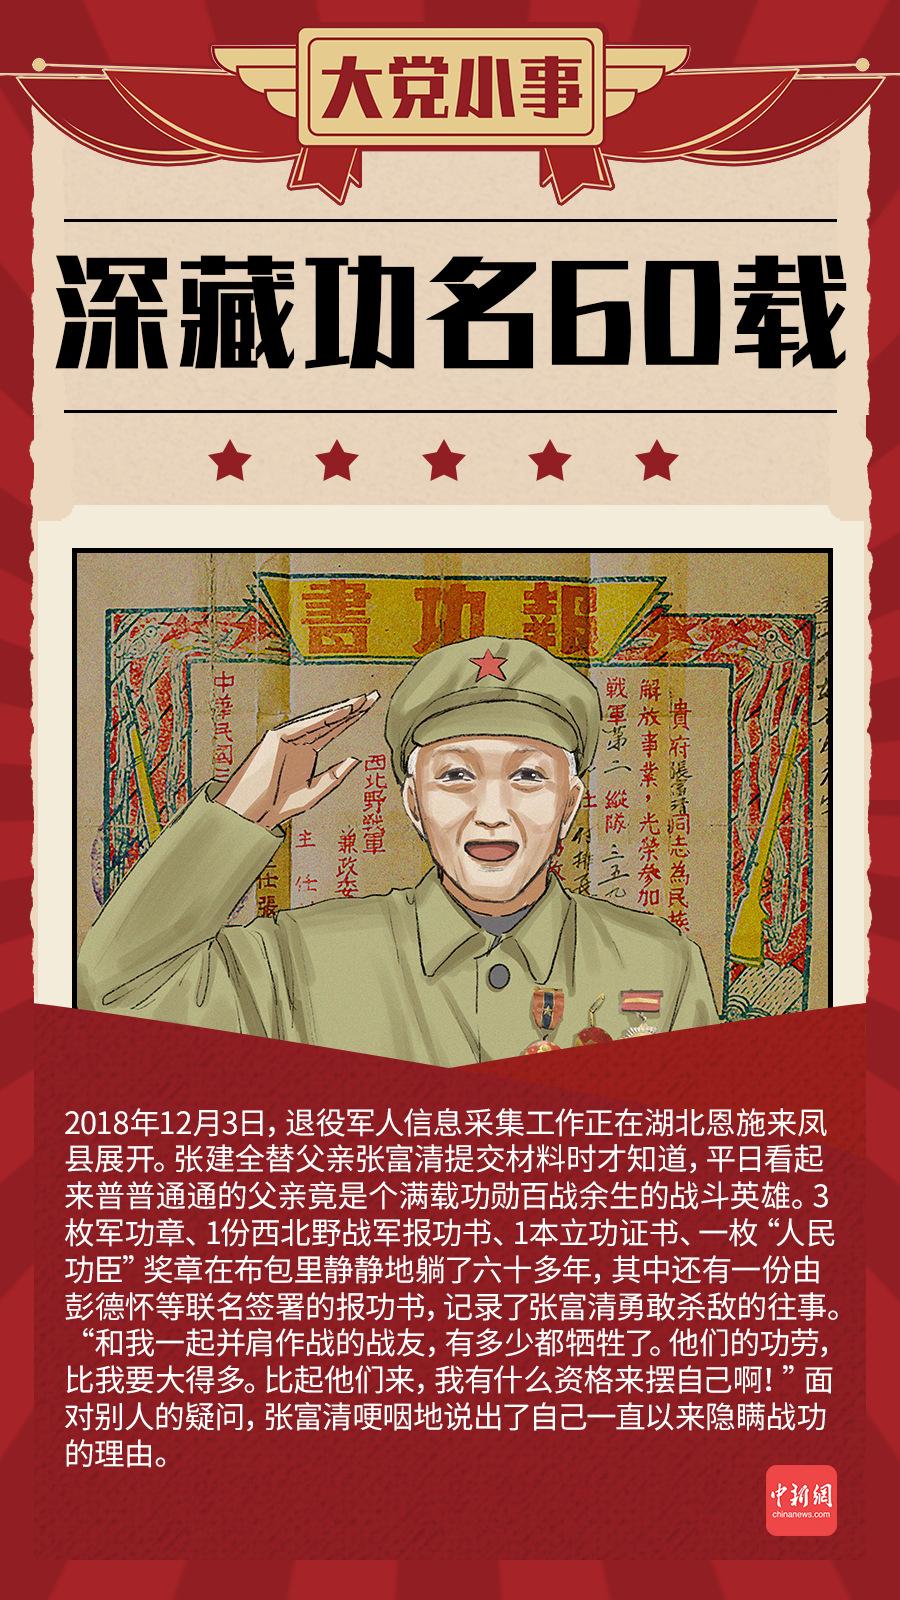 大党小事|战斗英雄深藏功名60载